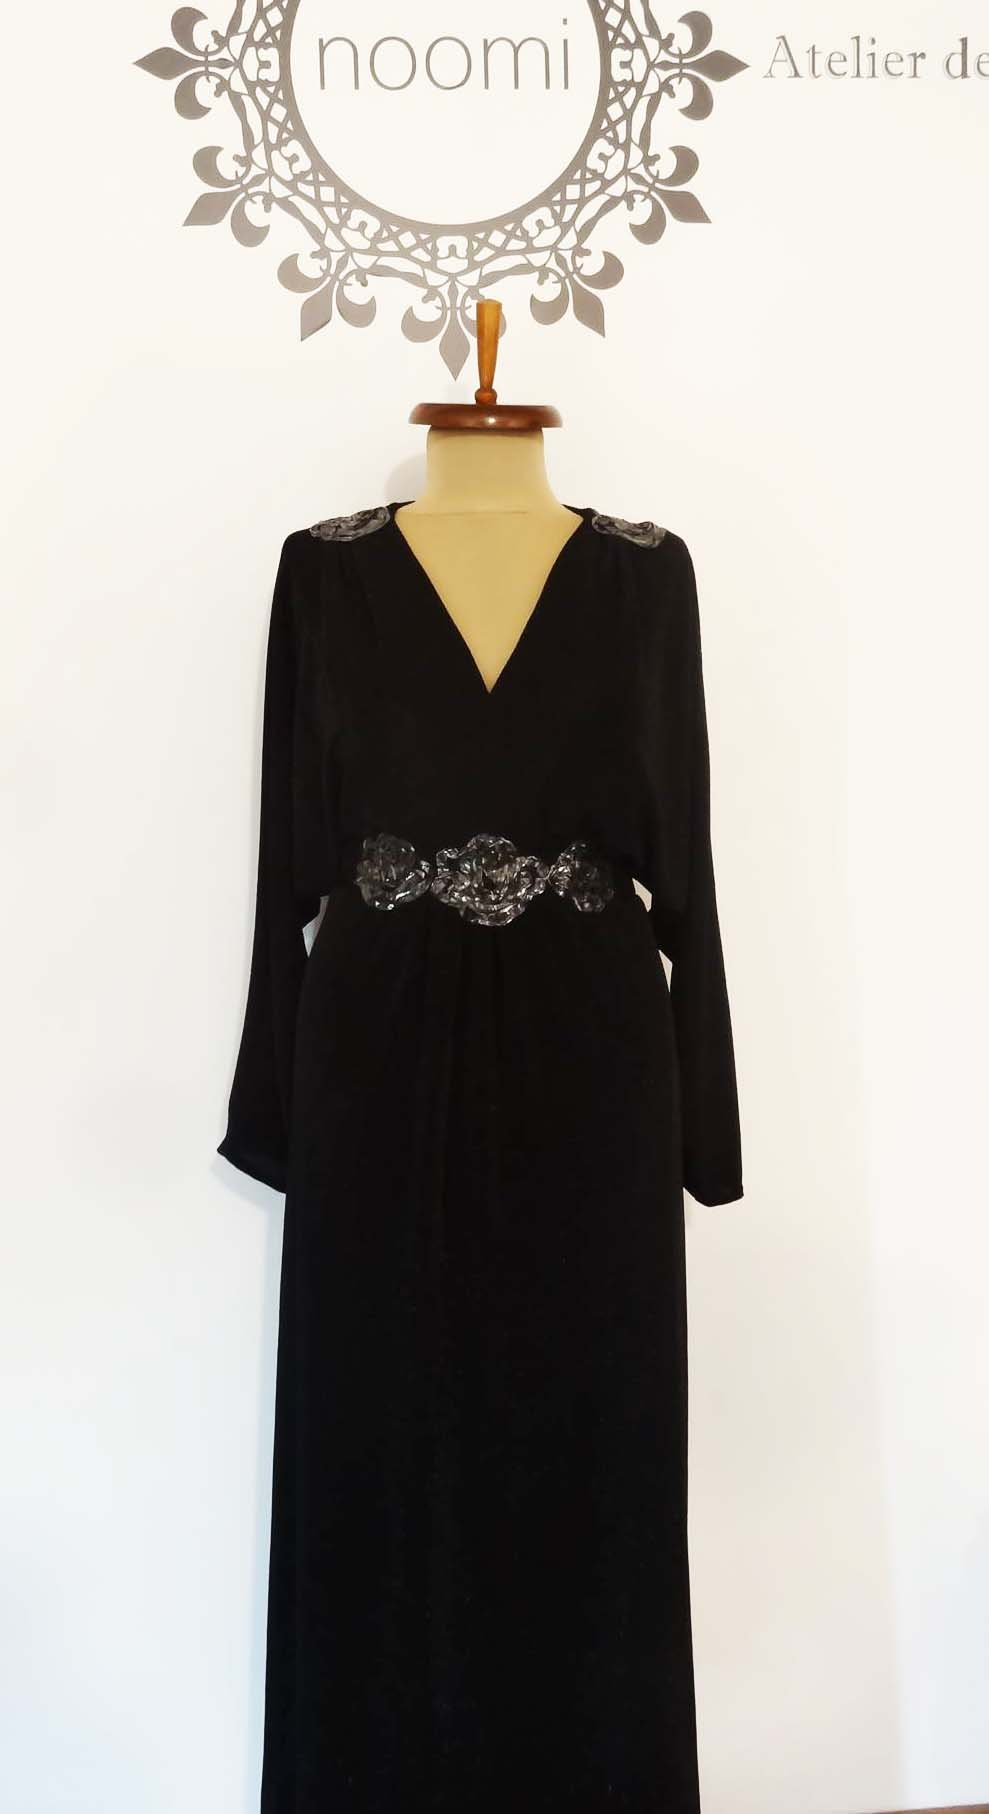 fara taxa de vanzare vânzare bună moda designerului Rochie de ocazie cu centura decorativa – Noomi